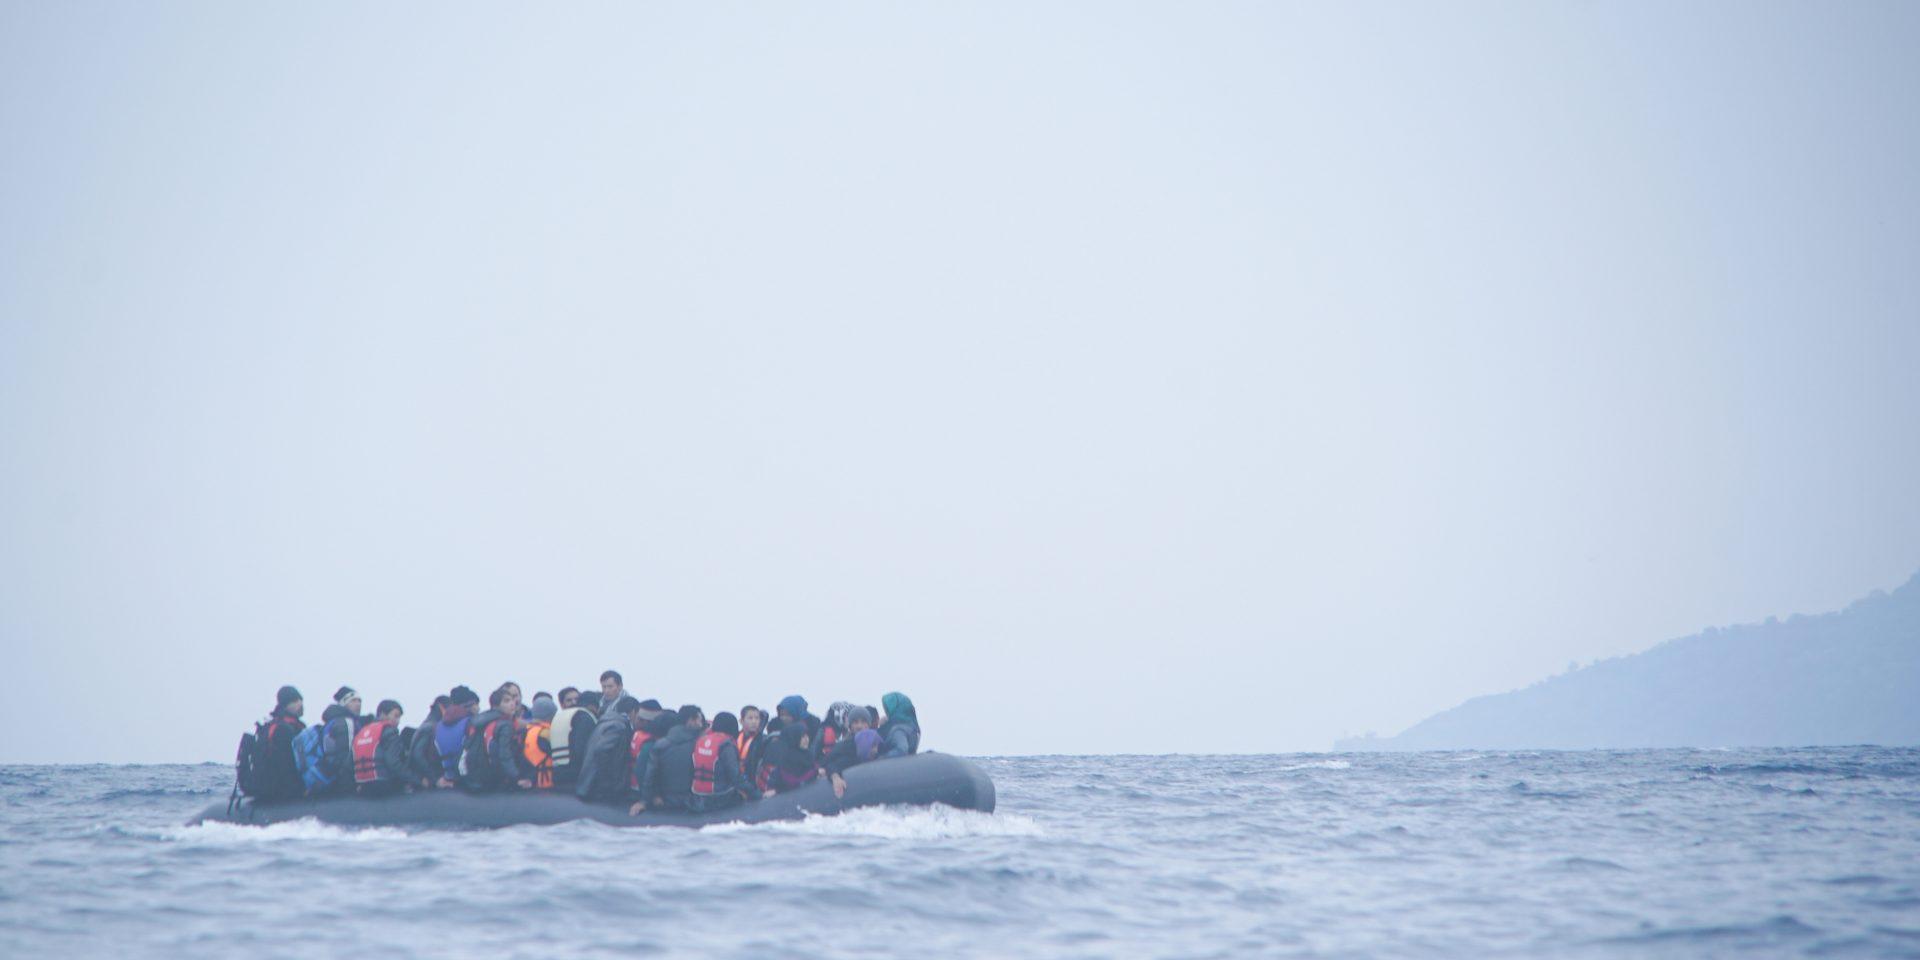 Över 20 miljoner människor har tvingats på flykt till följd av klimatkatastrofer varje år under de senaste tio åren. Det är mer än en person varannan sekund.